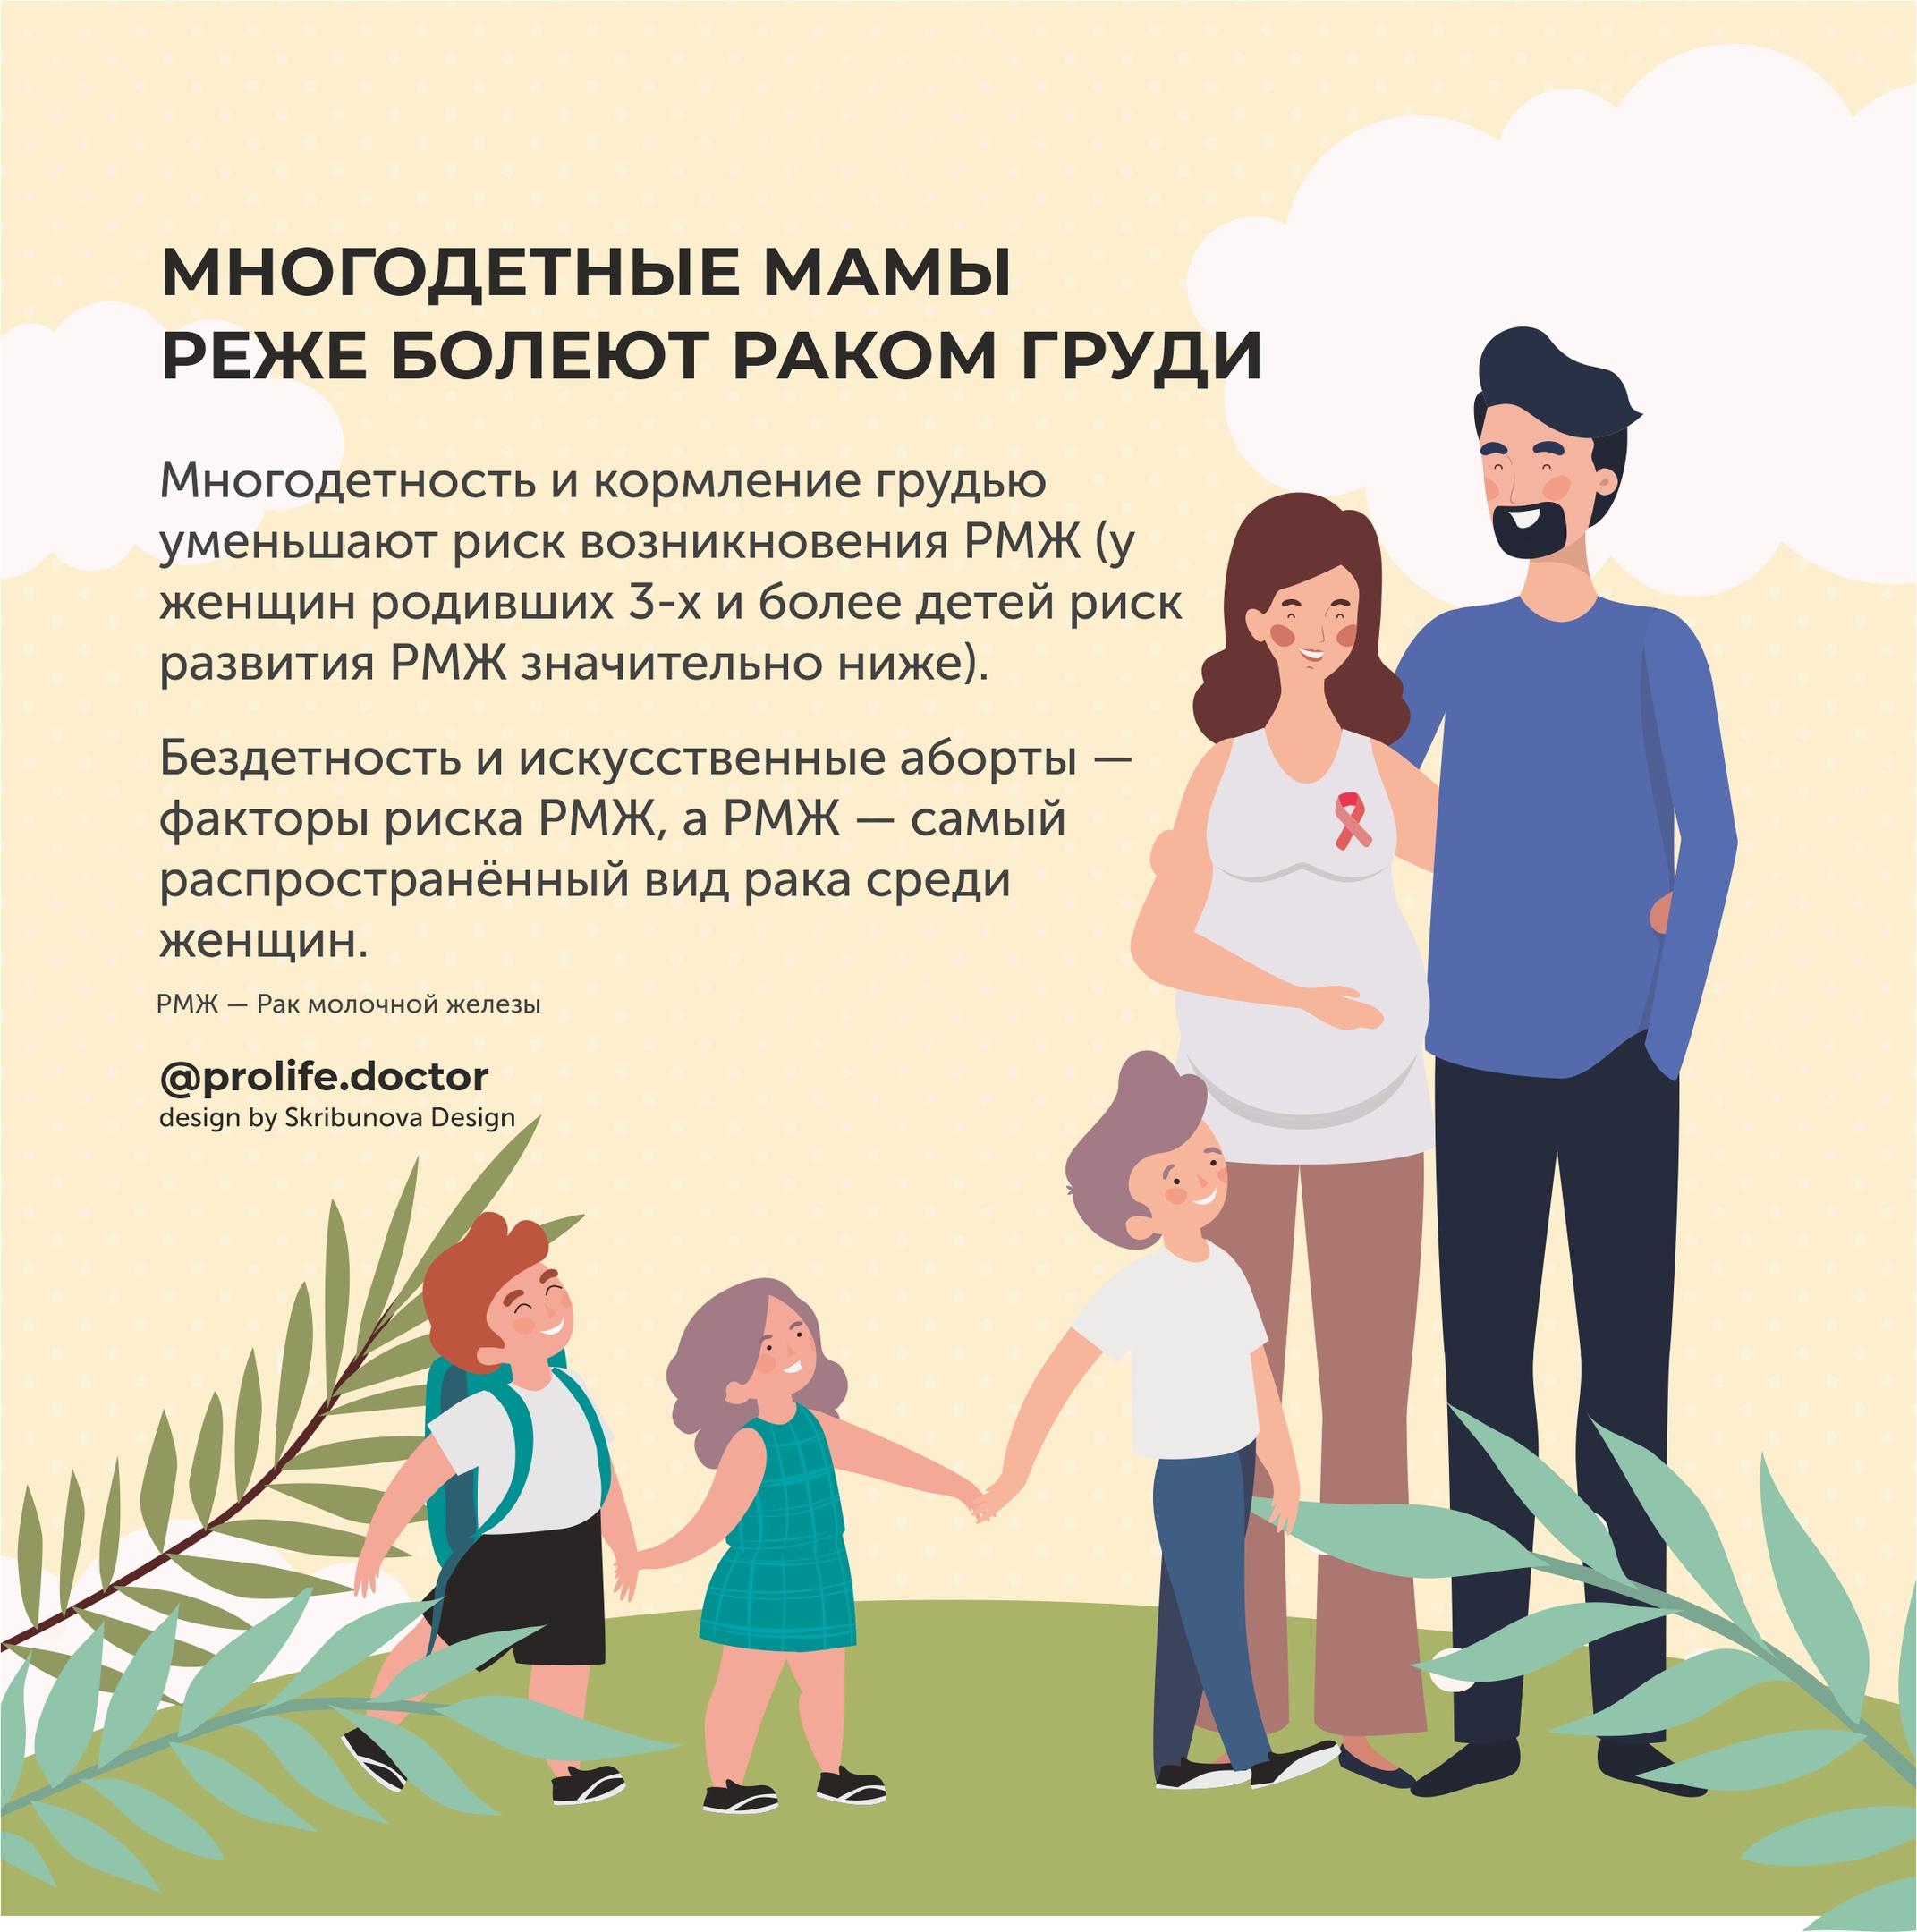 Многодетные мамы реже болеют раком молочной железы